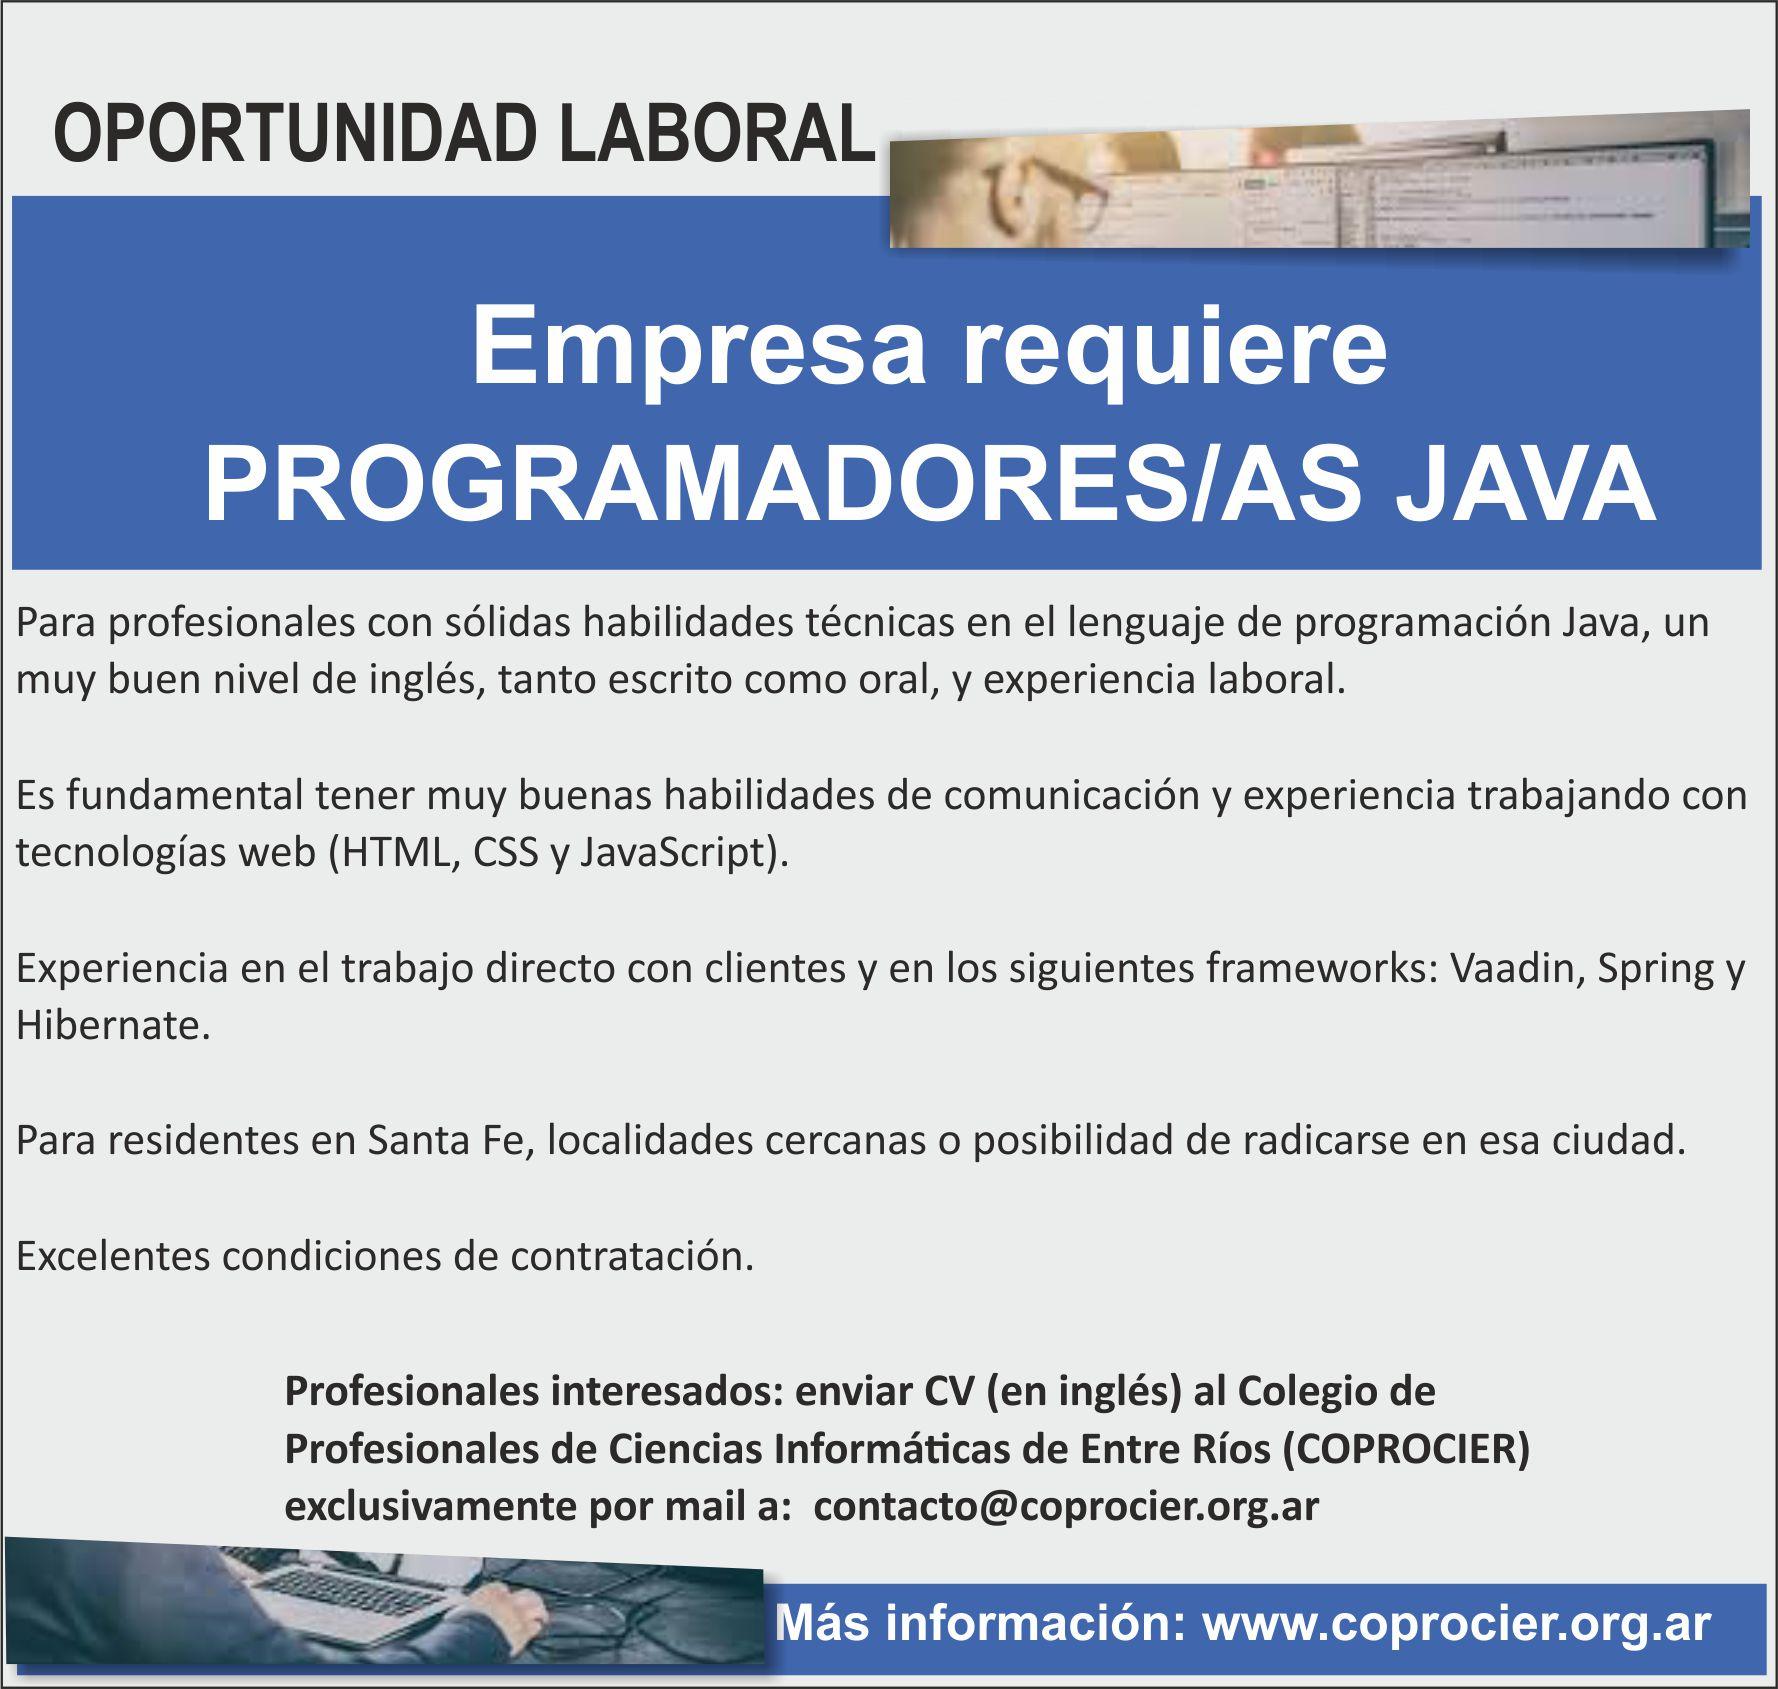 Oportunidad laboral para profesionales